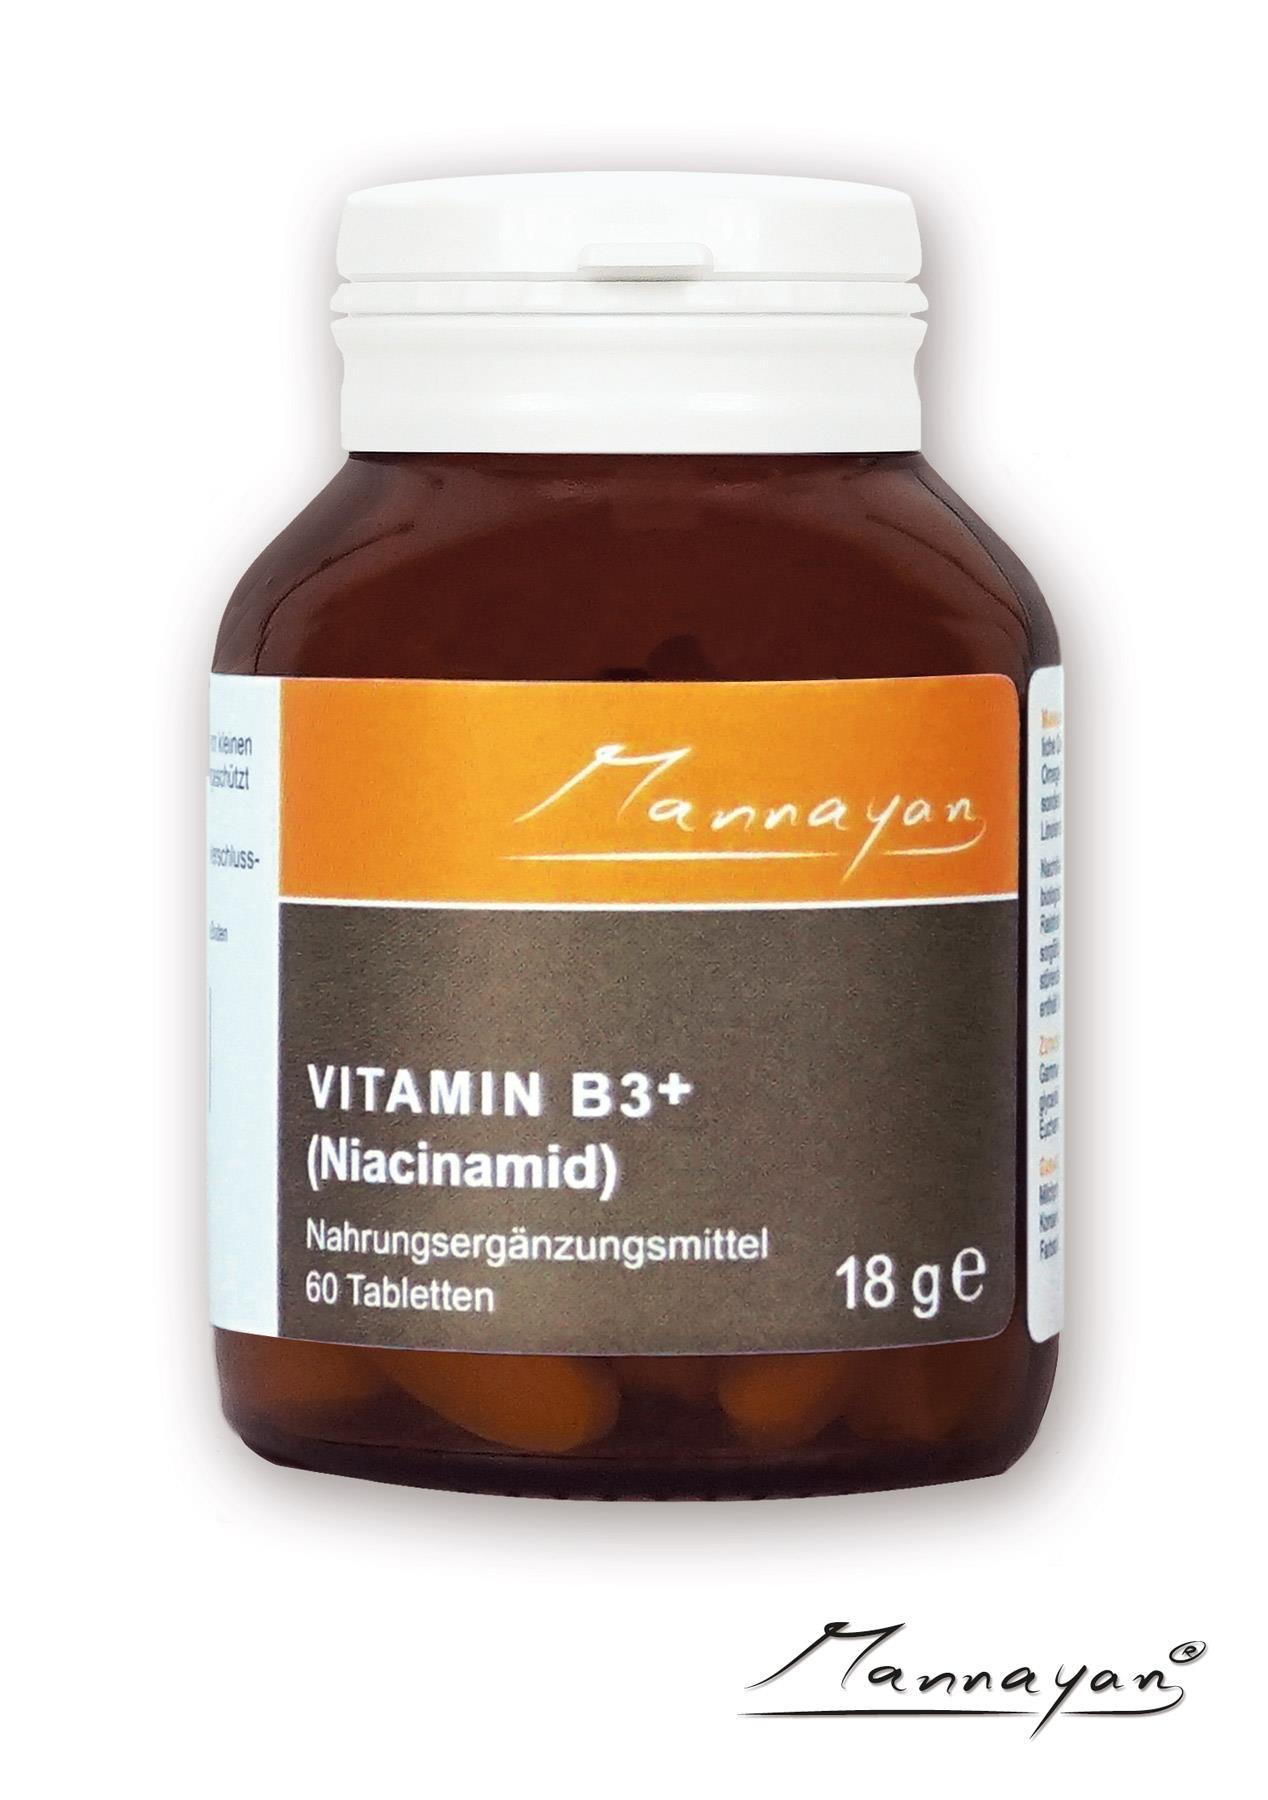 Vitamin B3+ Niacinamid von Mannayan